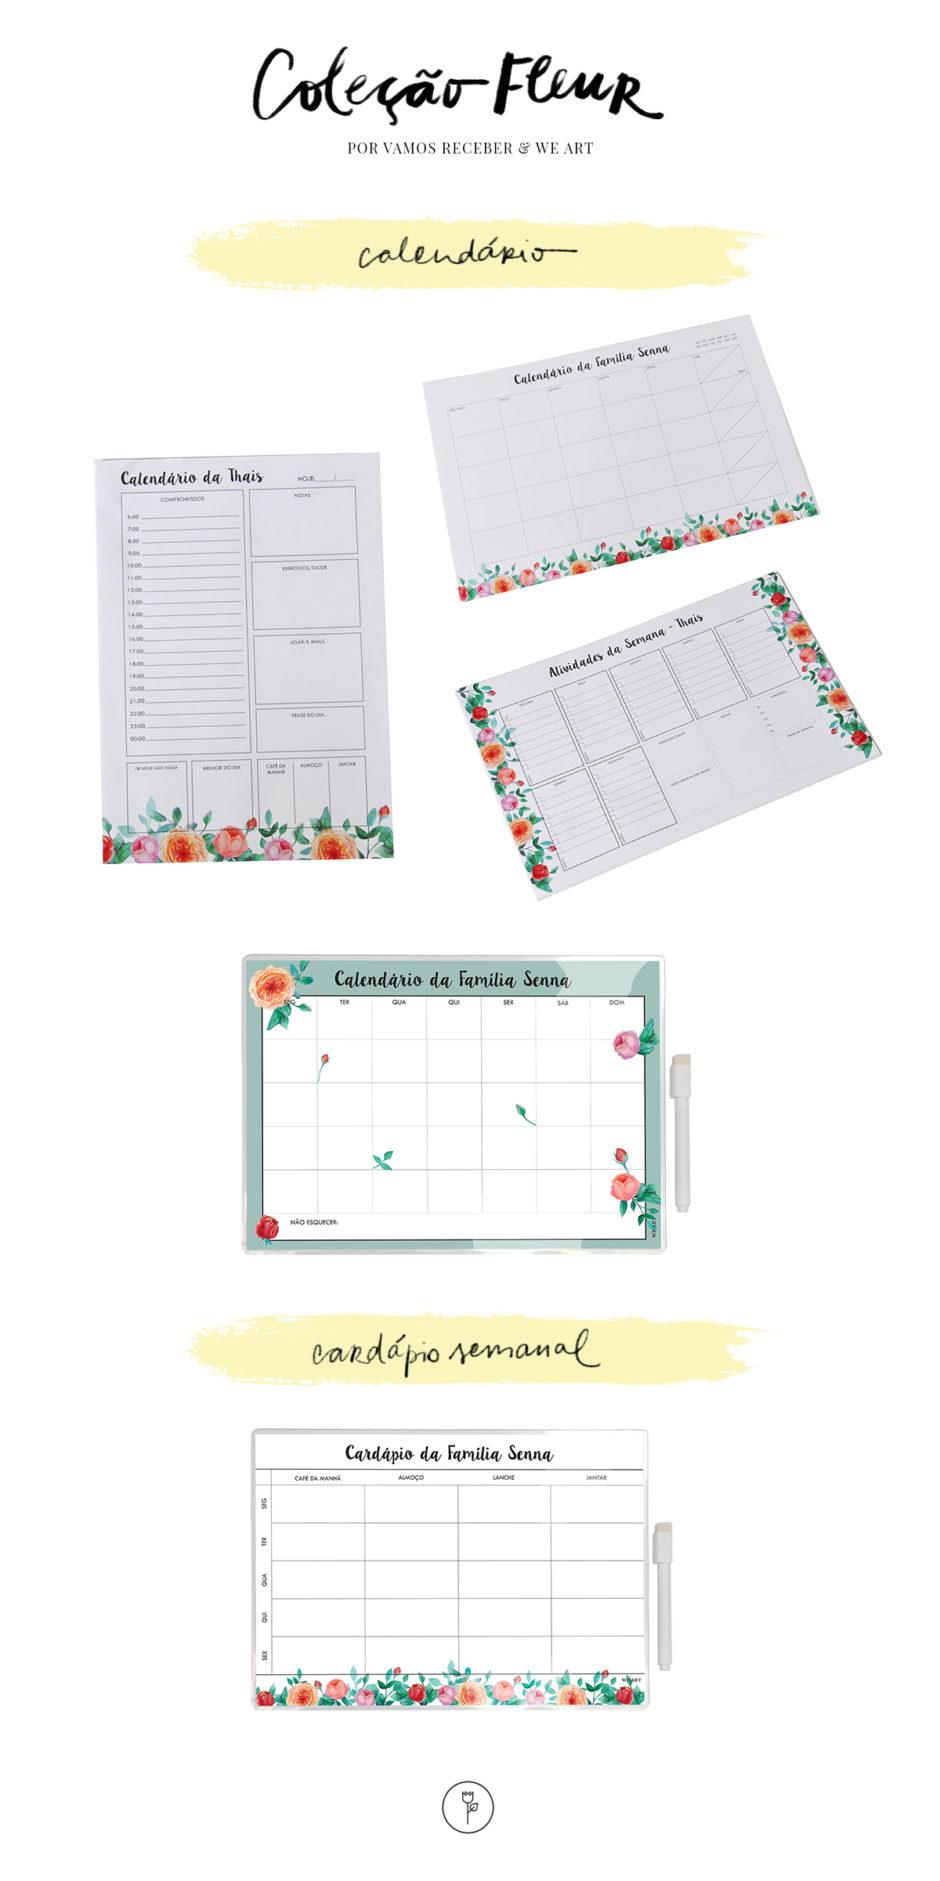 calendário menu papelaria personalizada vamos receber e we art